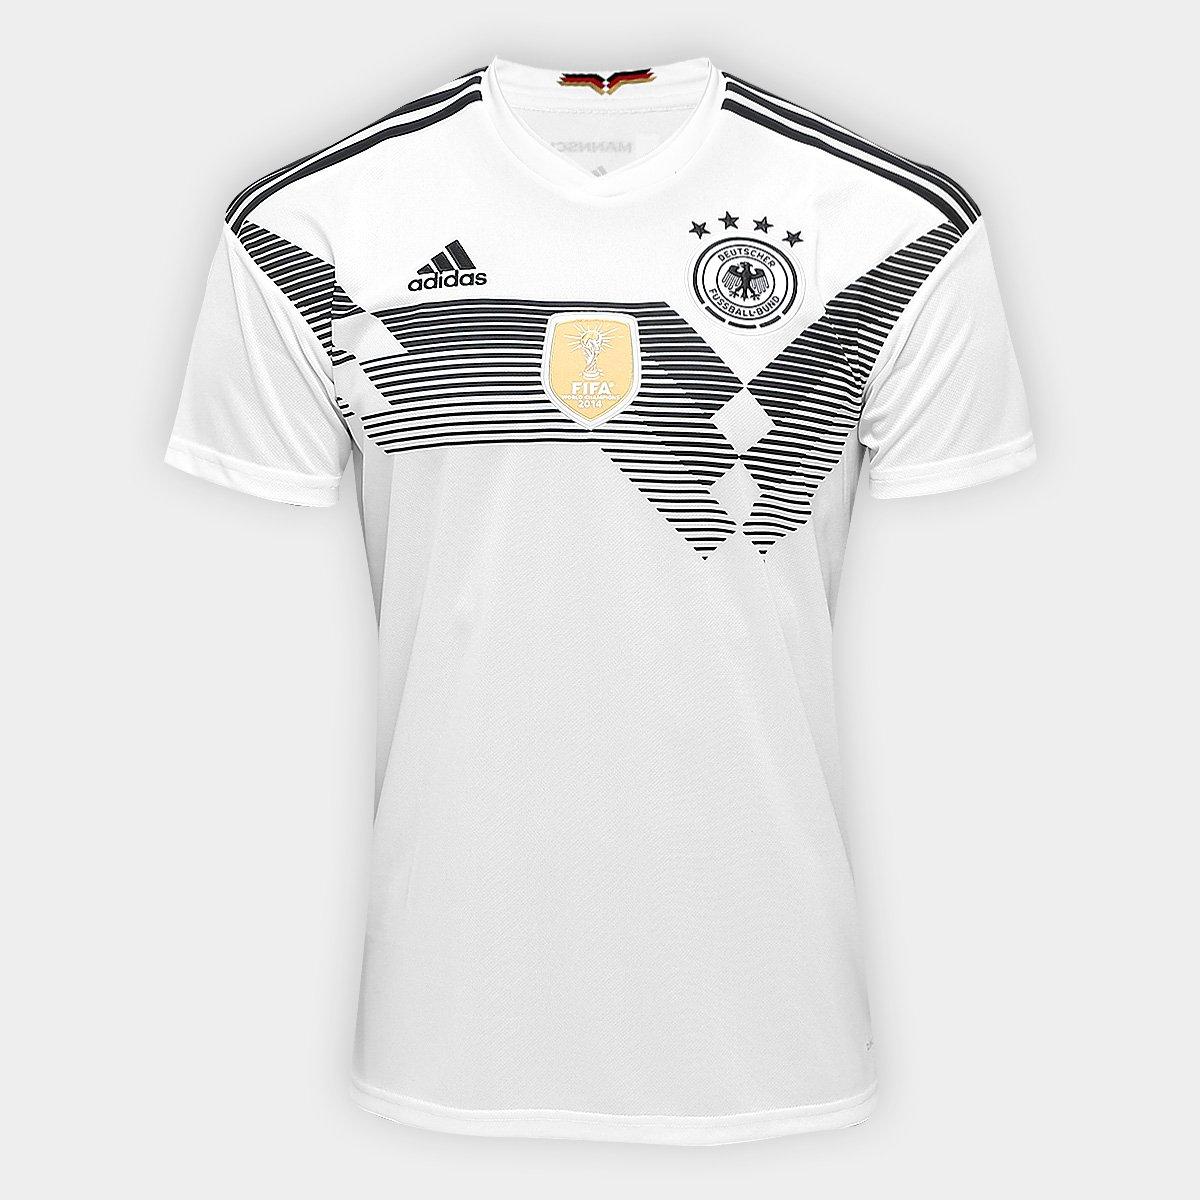 ace1366088 Camisa Seleção Alemanha Home 2018 s/n° Torcedor Adidas Masculina ...